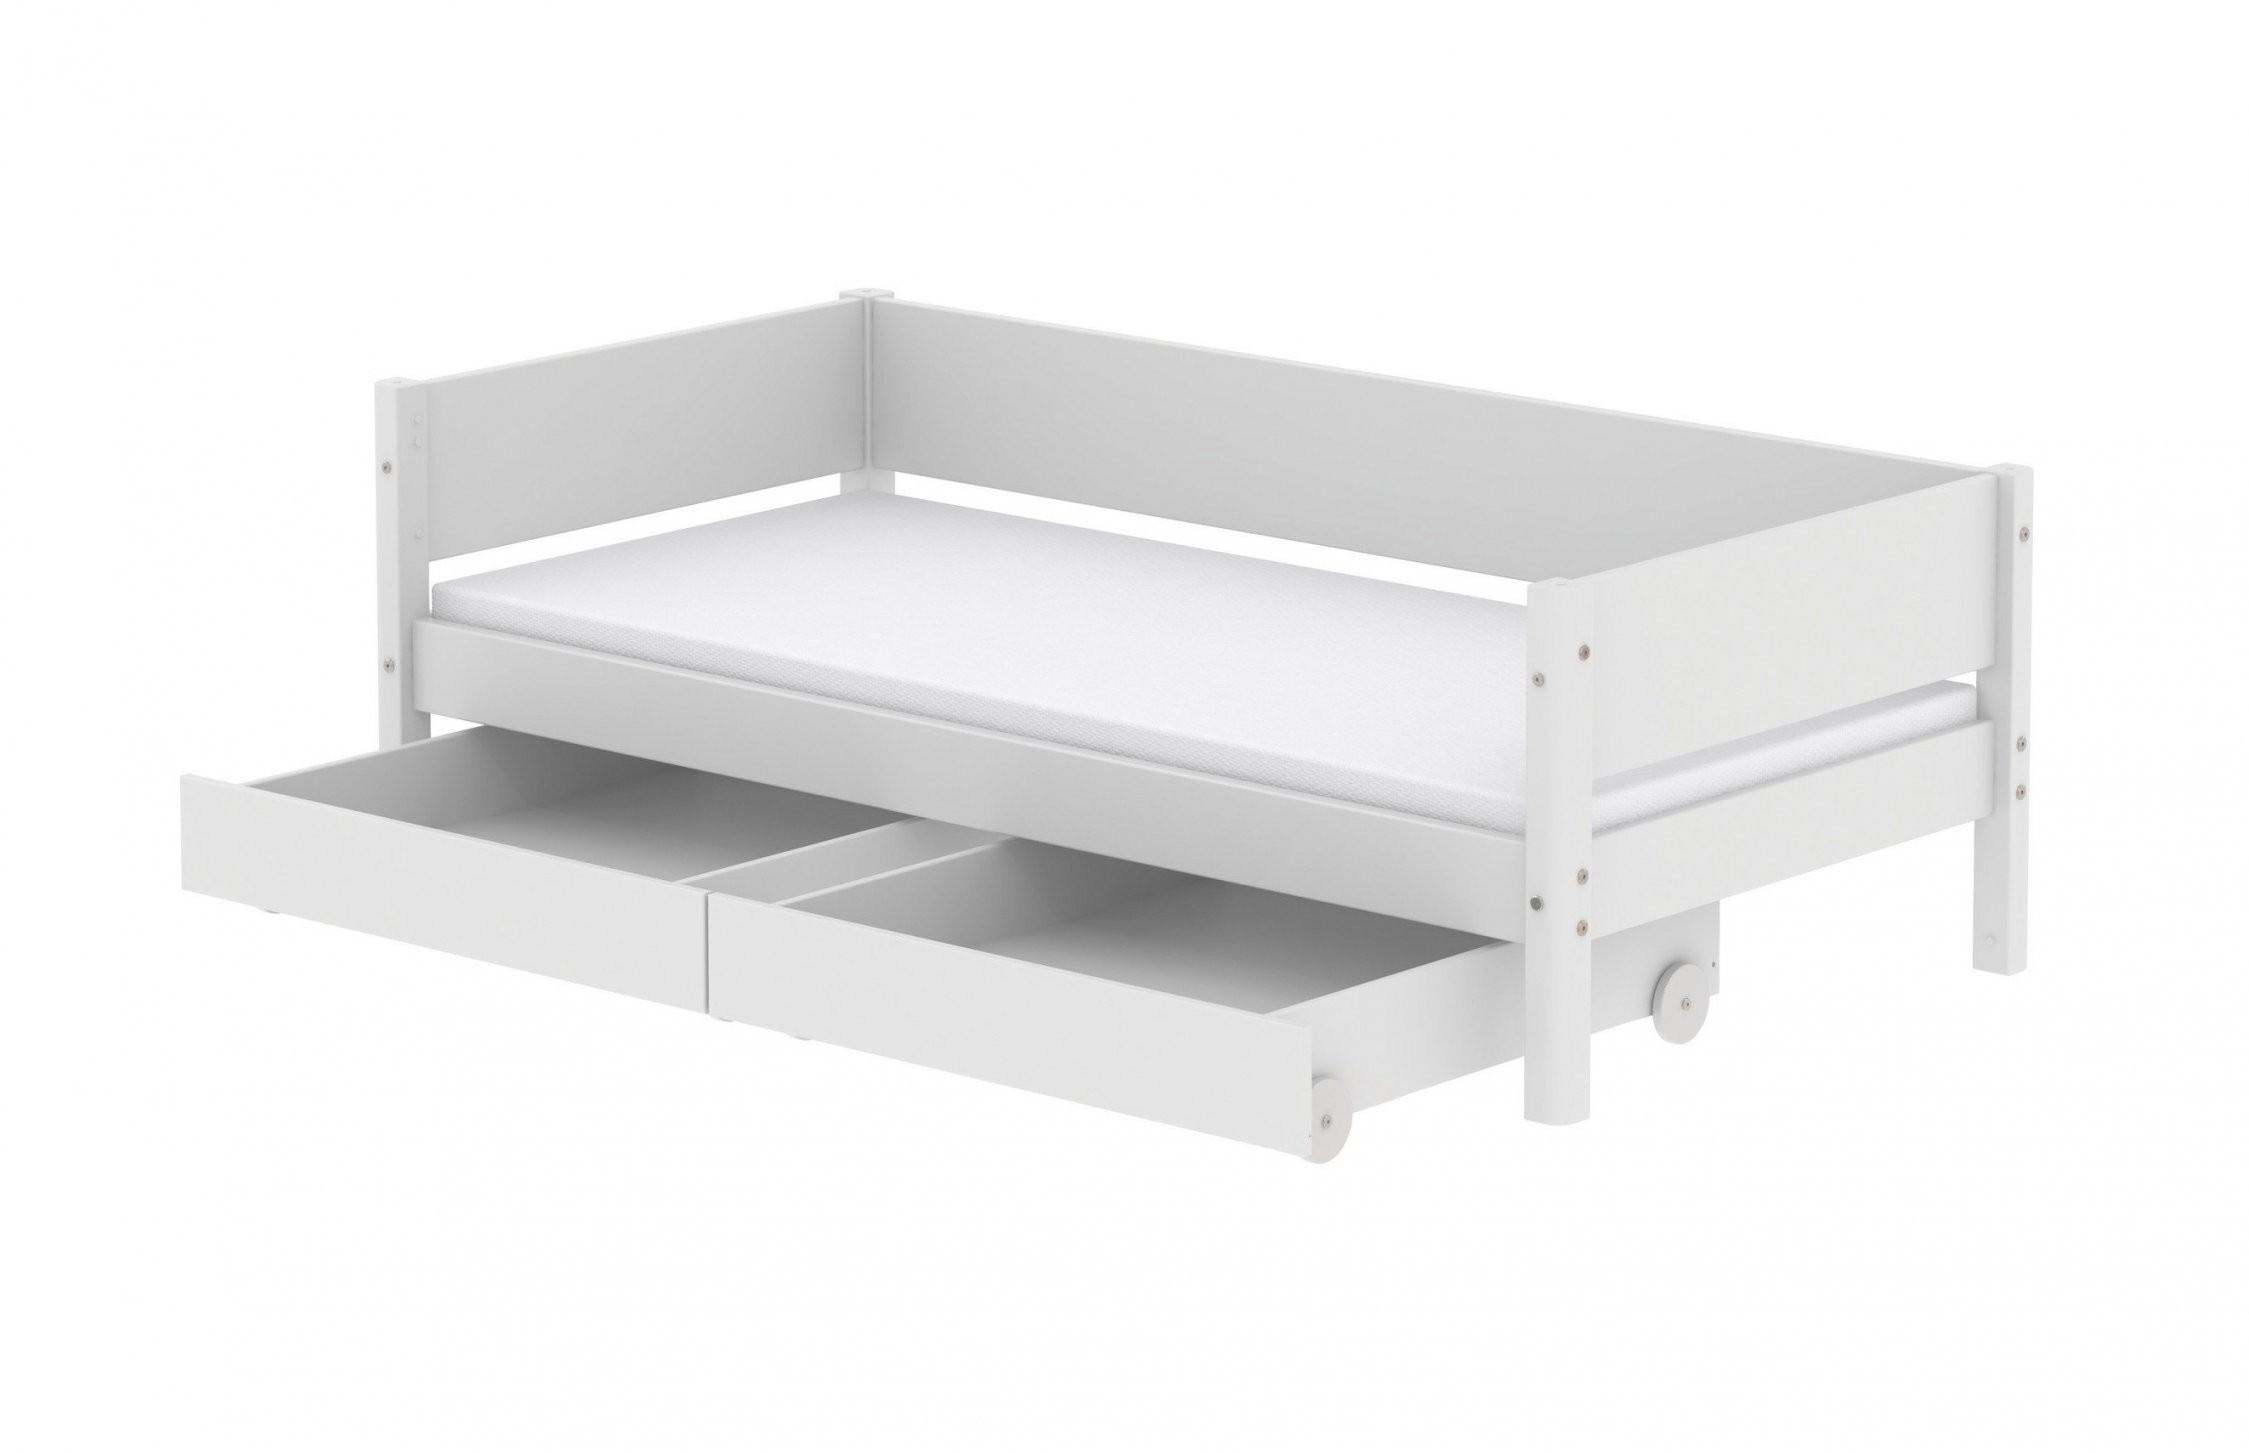 White Bett Mit Schubladen 90 X 200 Cm Von Flexa Weiß  Möbel Letz von Bett Mit Schubladen 90X200 Weiß Bild